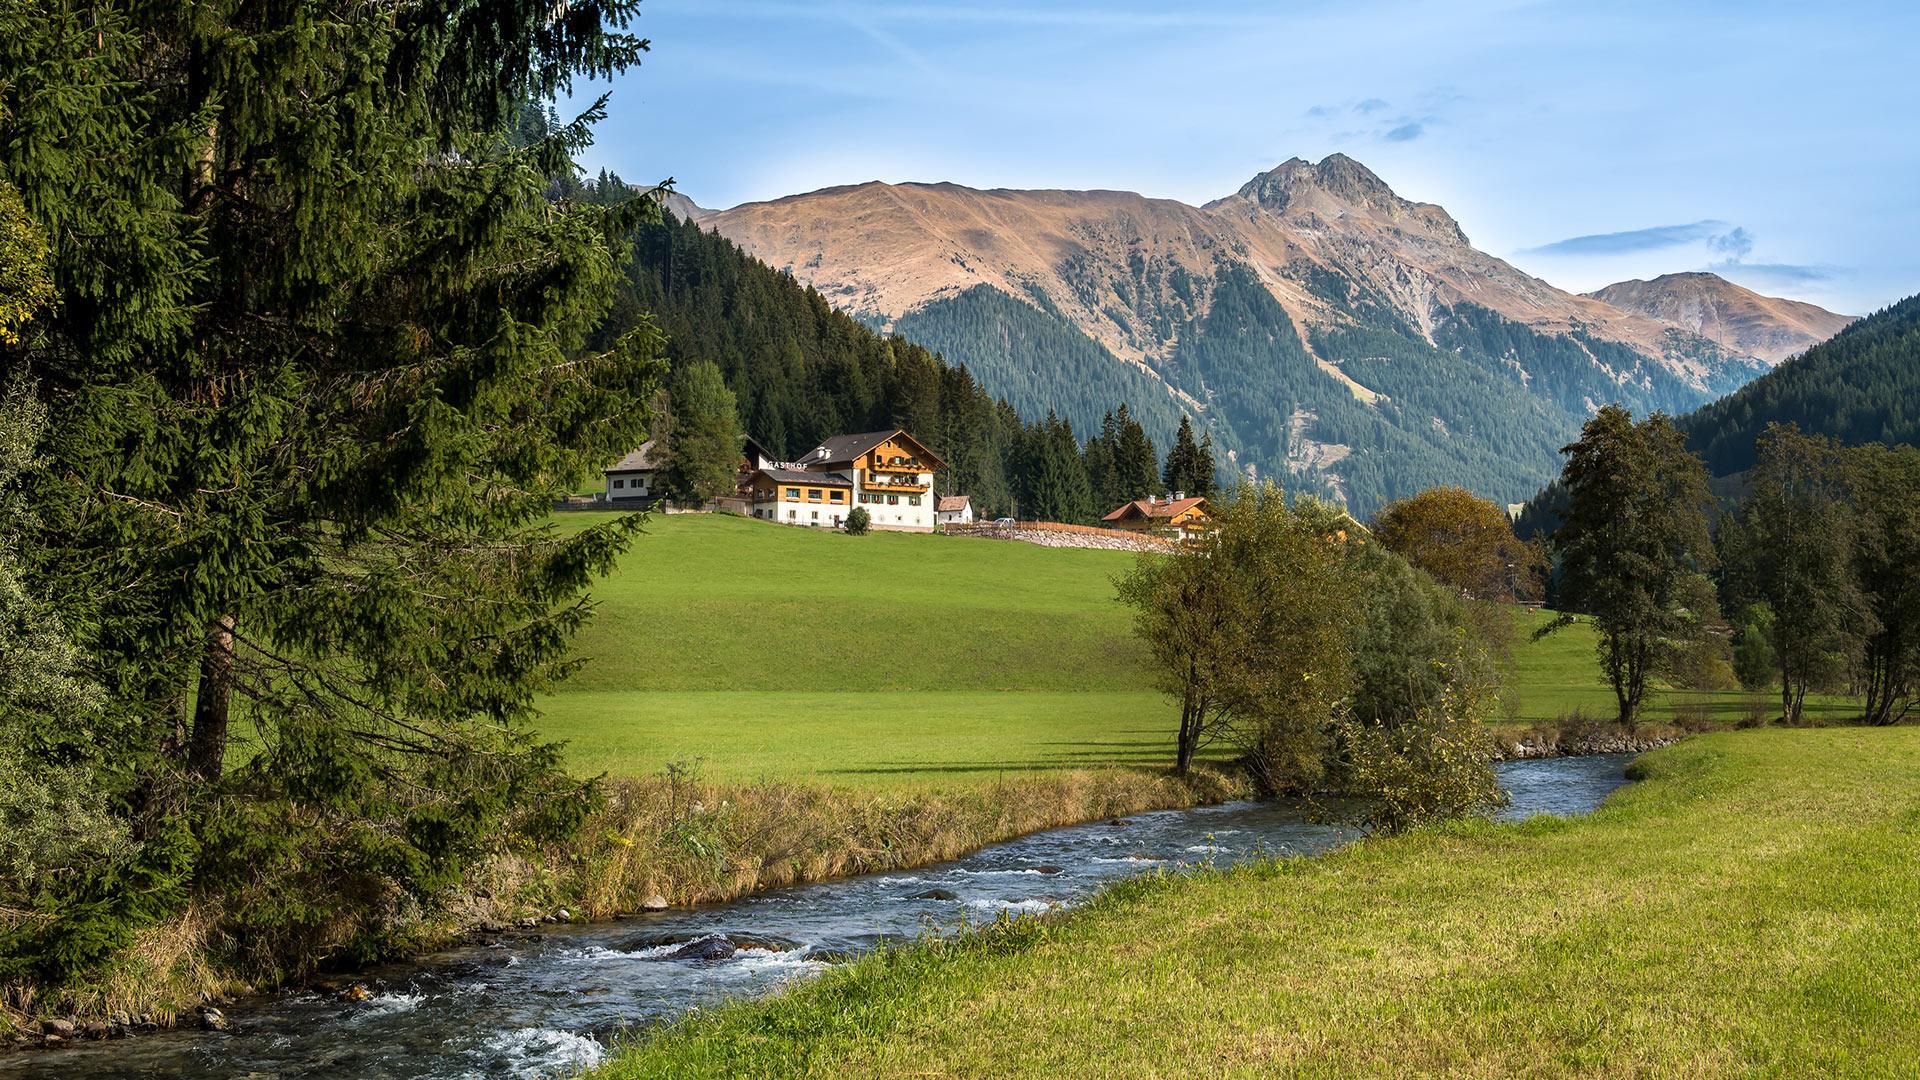 Gasthof Rabenstein mitten in der Natur